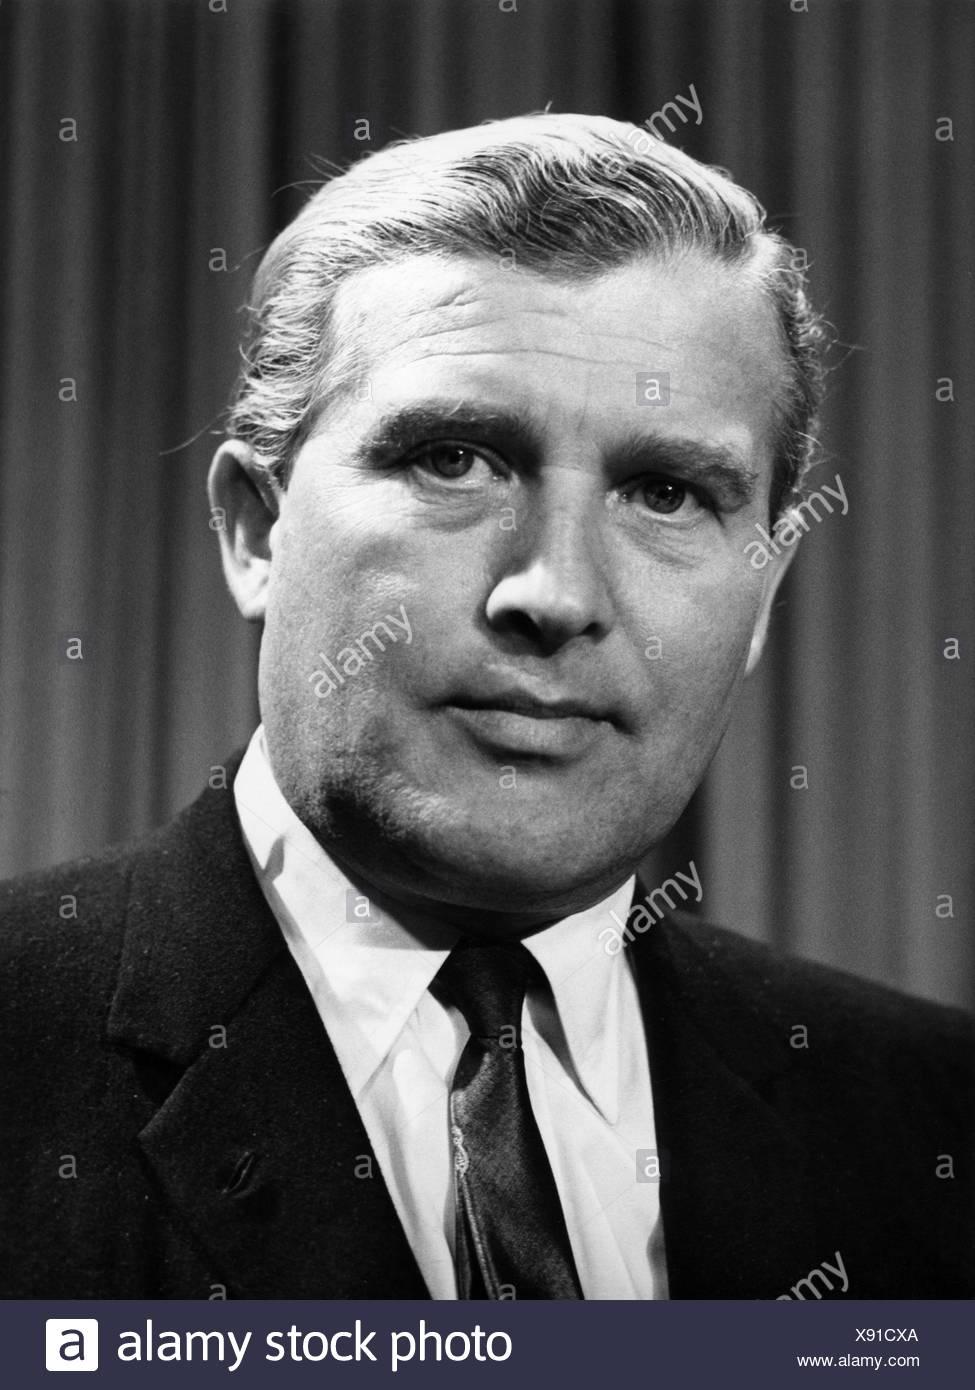 Braun, Wernher von, 23.3.1912 - 16.6.1977, US-amerikanischer Physiker deutscher Herkunft, Porträt, 1968, Stockfoto